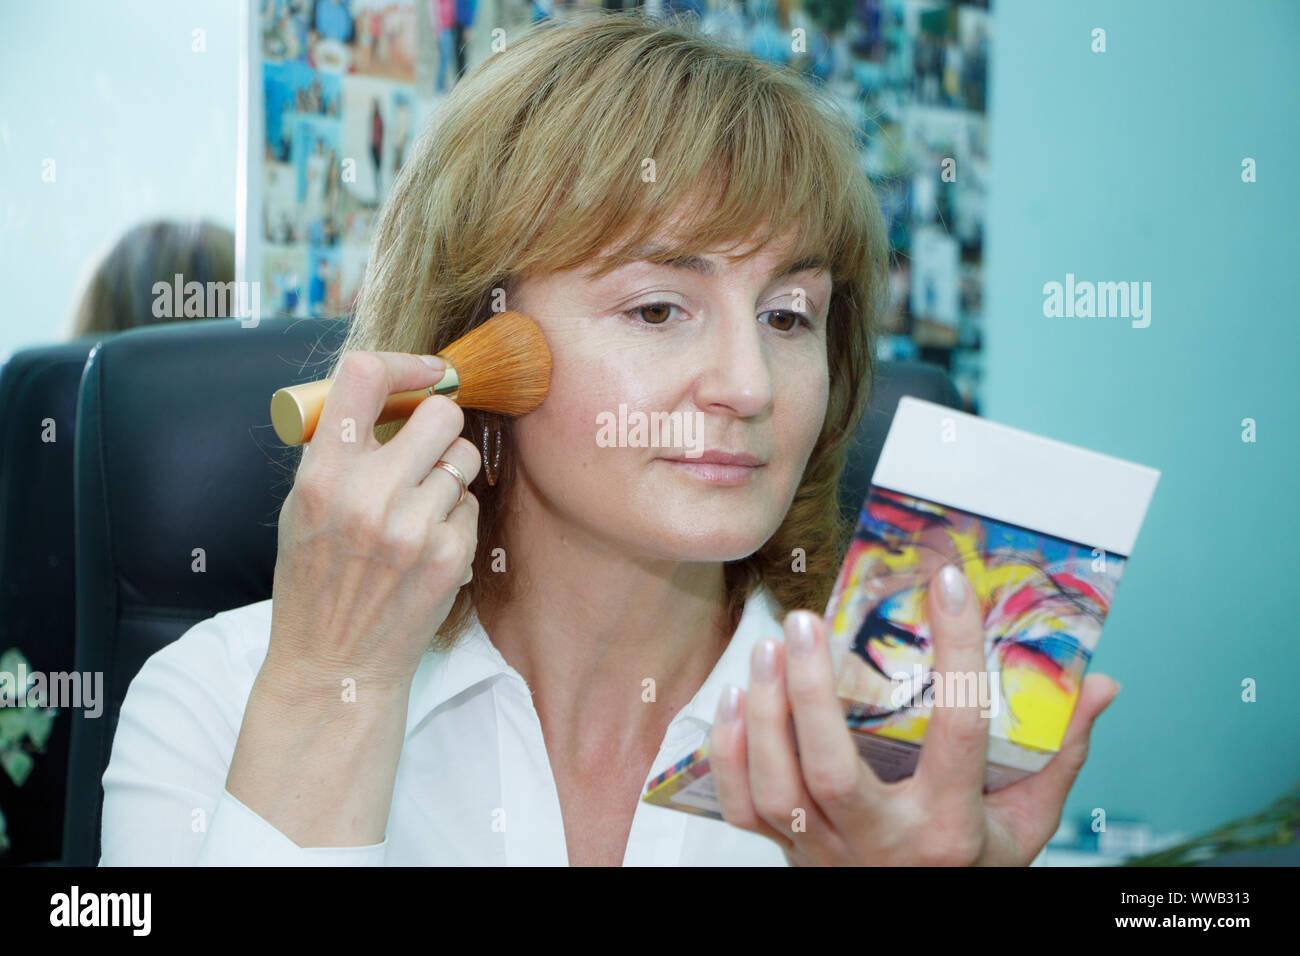 Close up of a mature blonde woman doing face makeup, selective focus Stock Photo